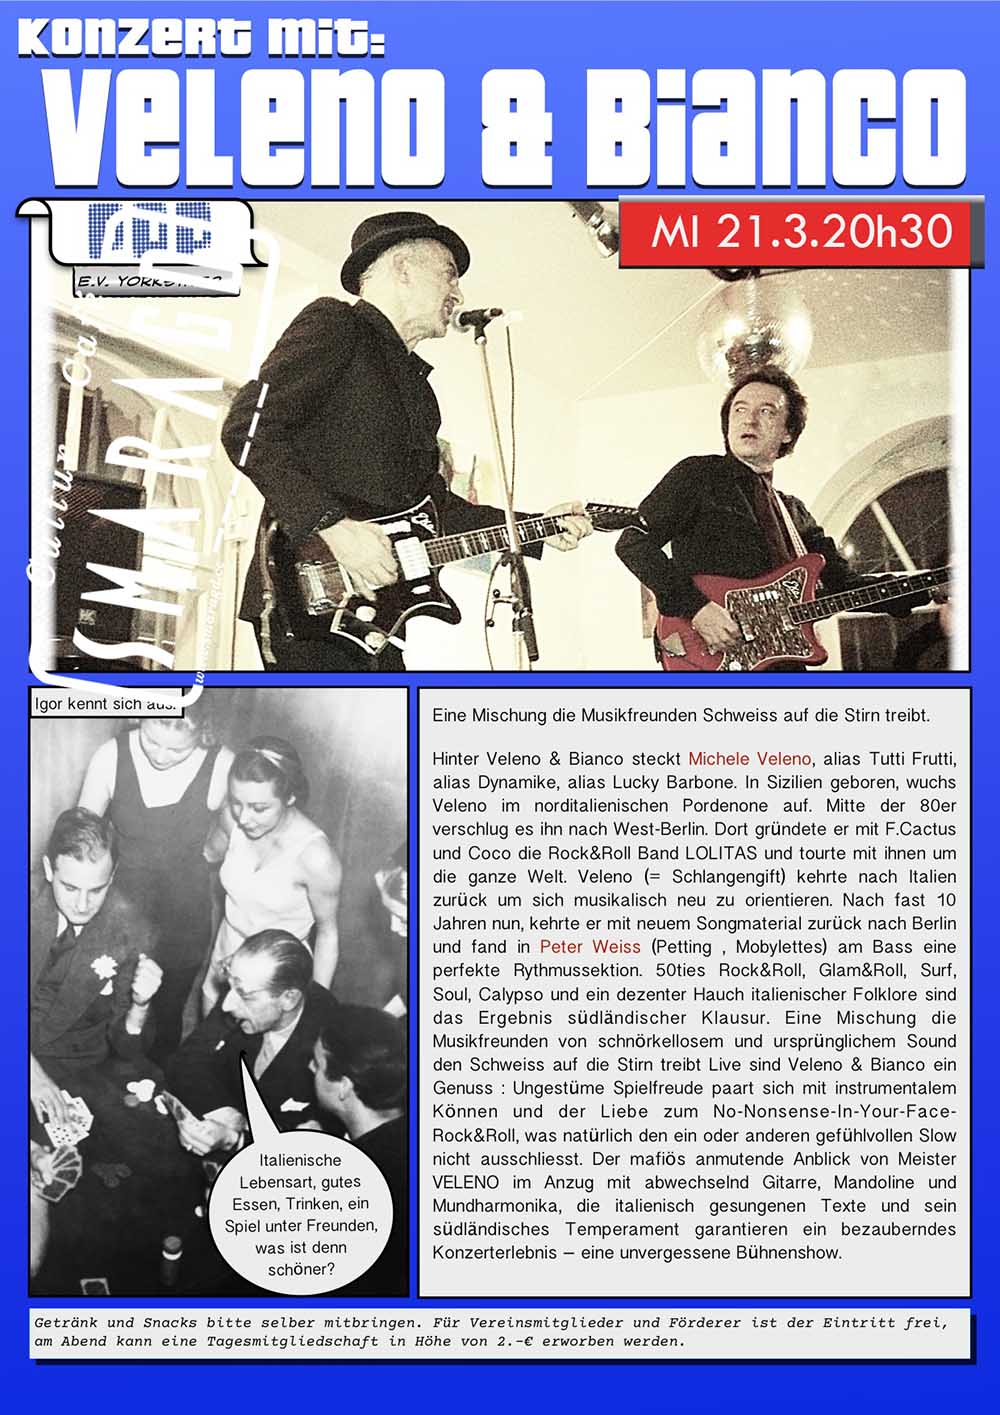 Cultur Cafe Smaragd Linz-Event-Veleno & Bianco